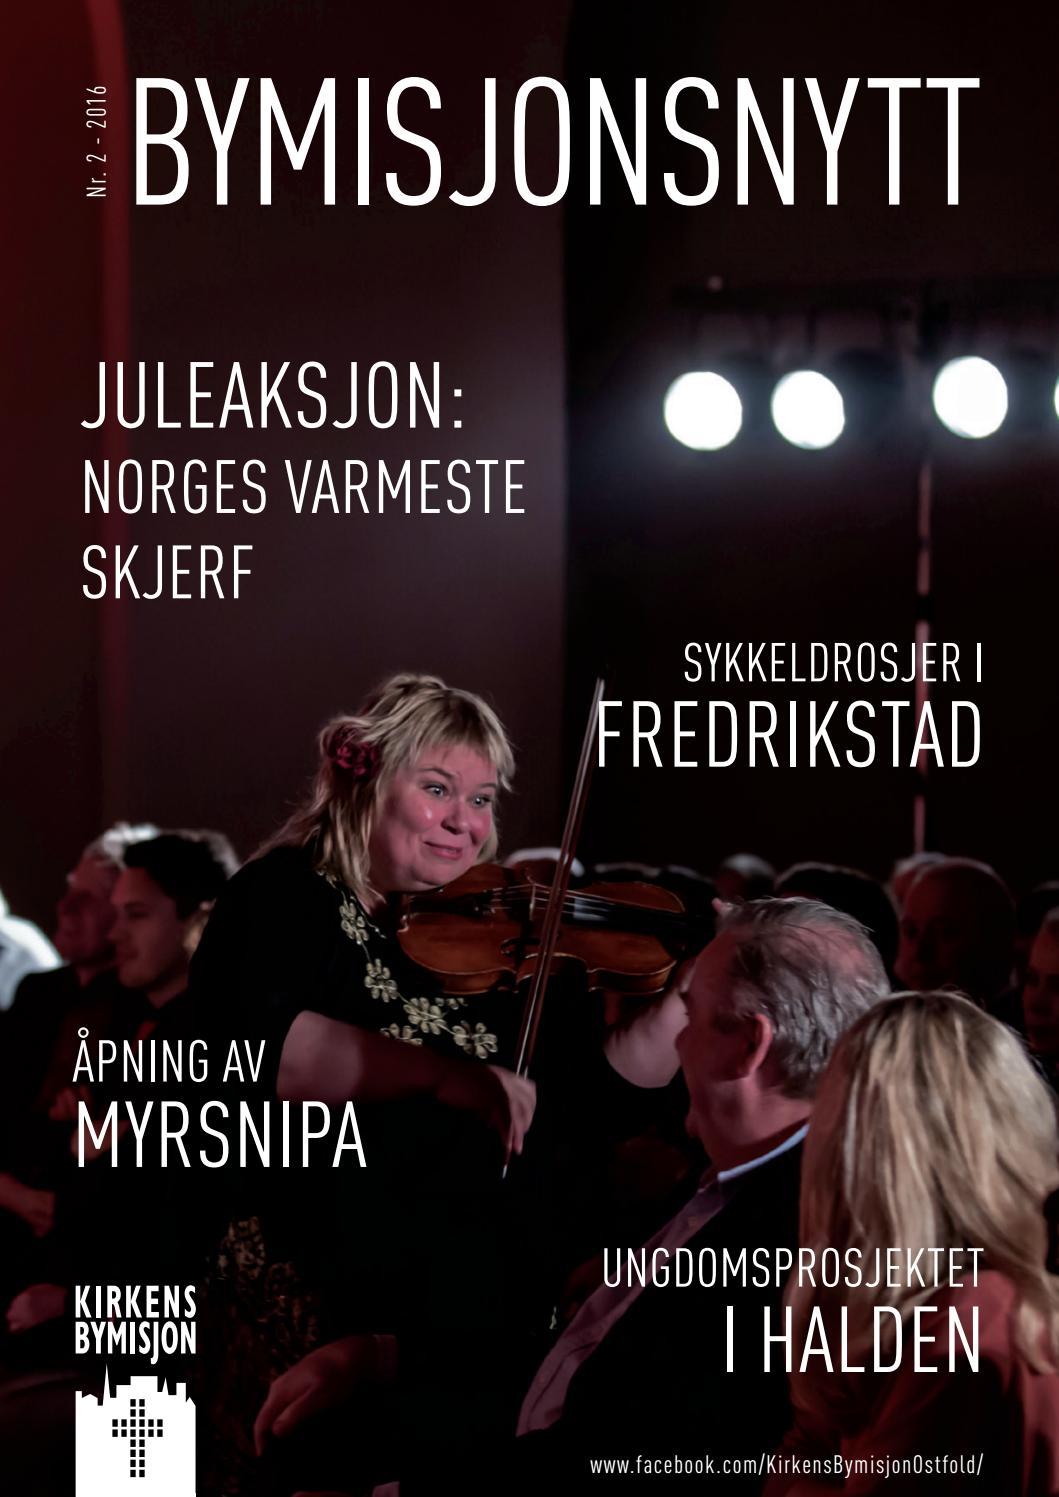 Bymisjonsnytt, julen 2016 by Kirkens Bymisjon - issuu